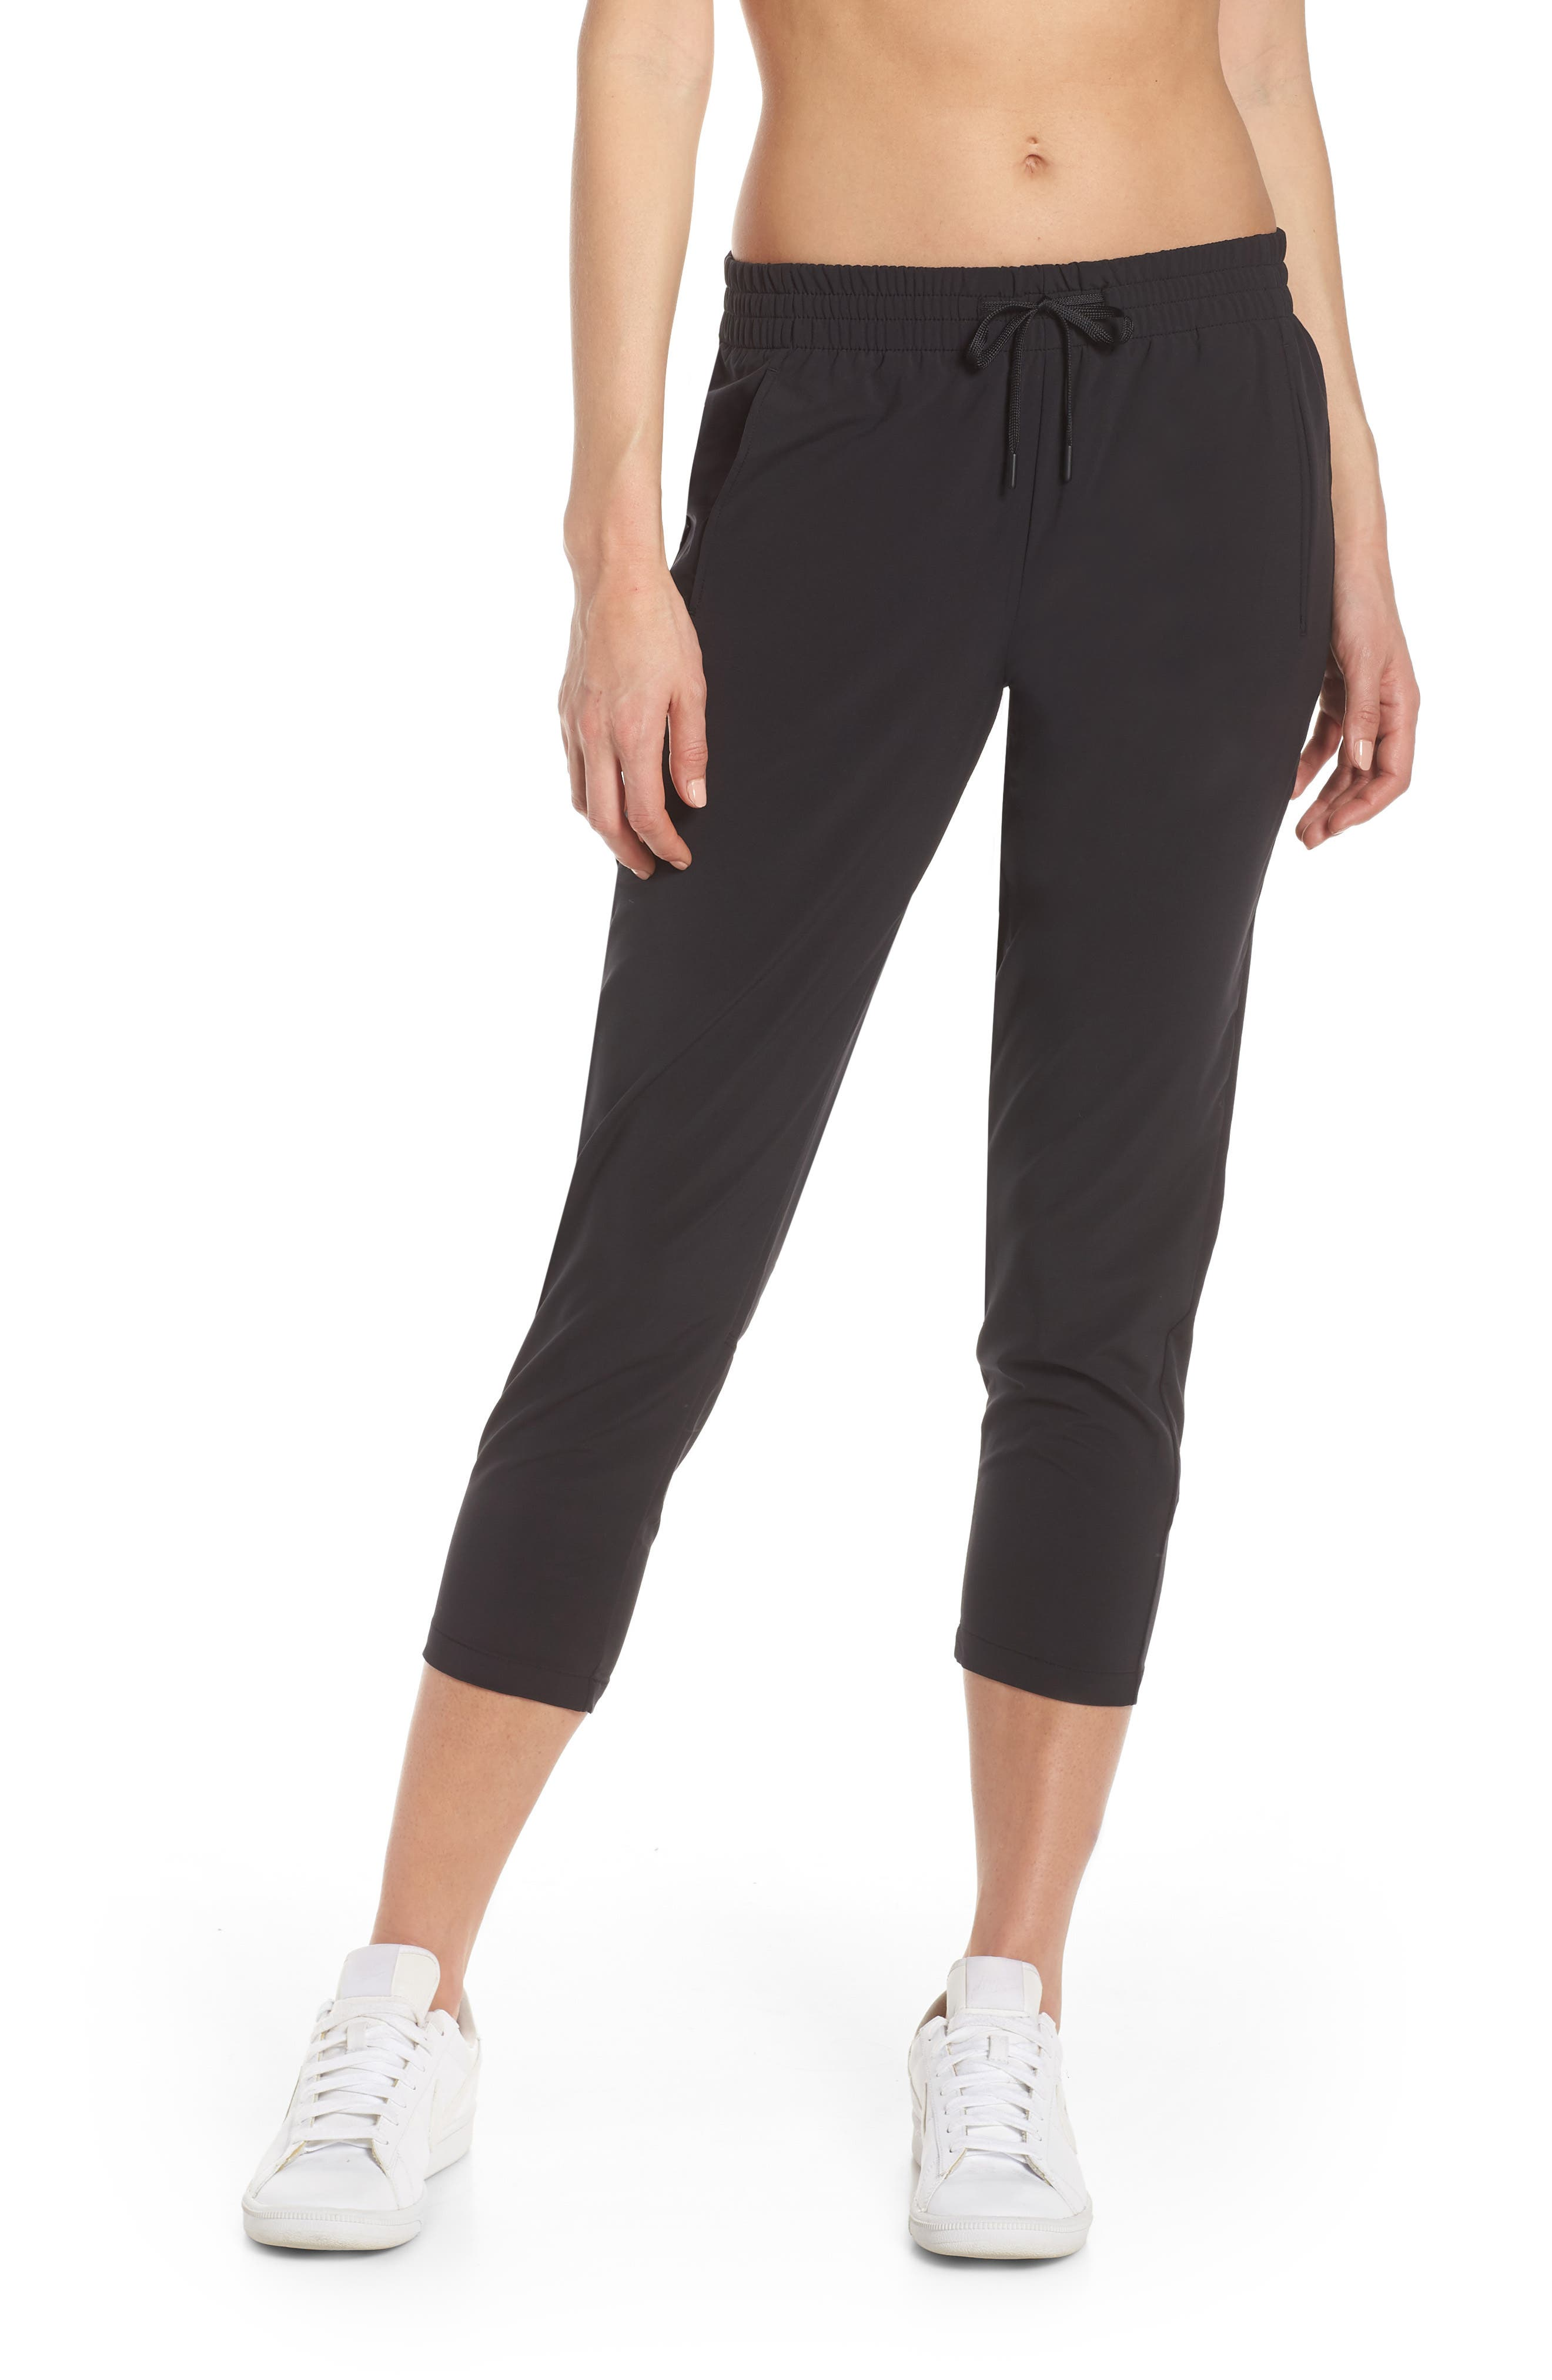 Zella Adapt Stretch Crop Pants